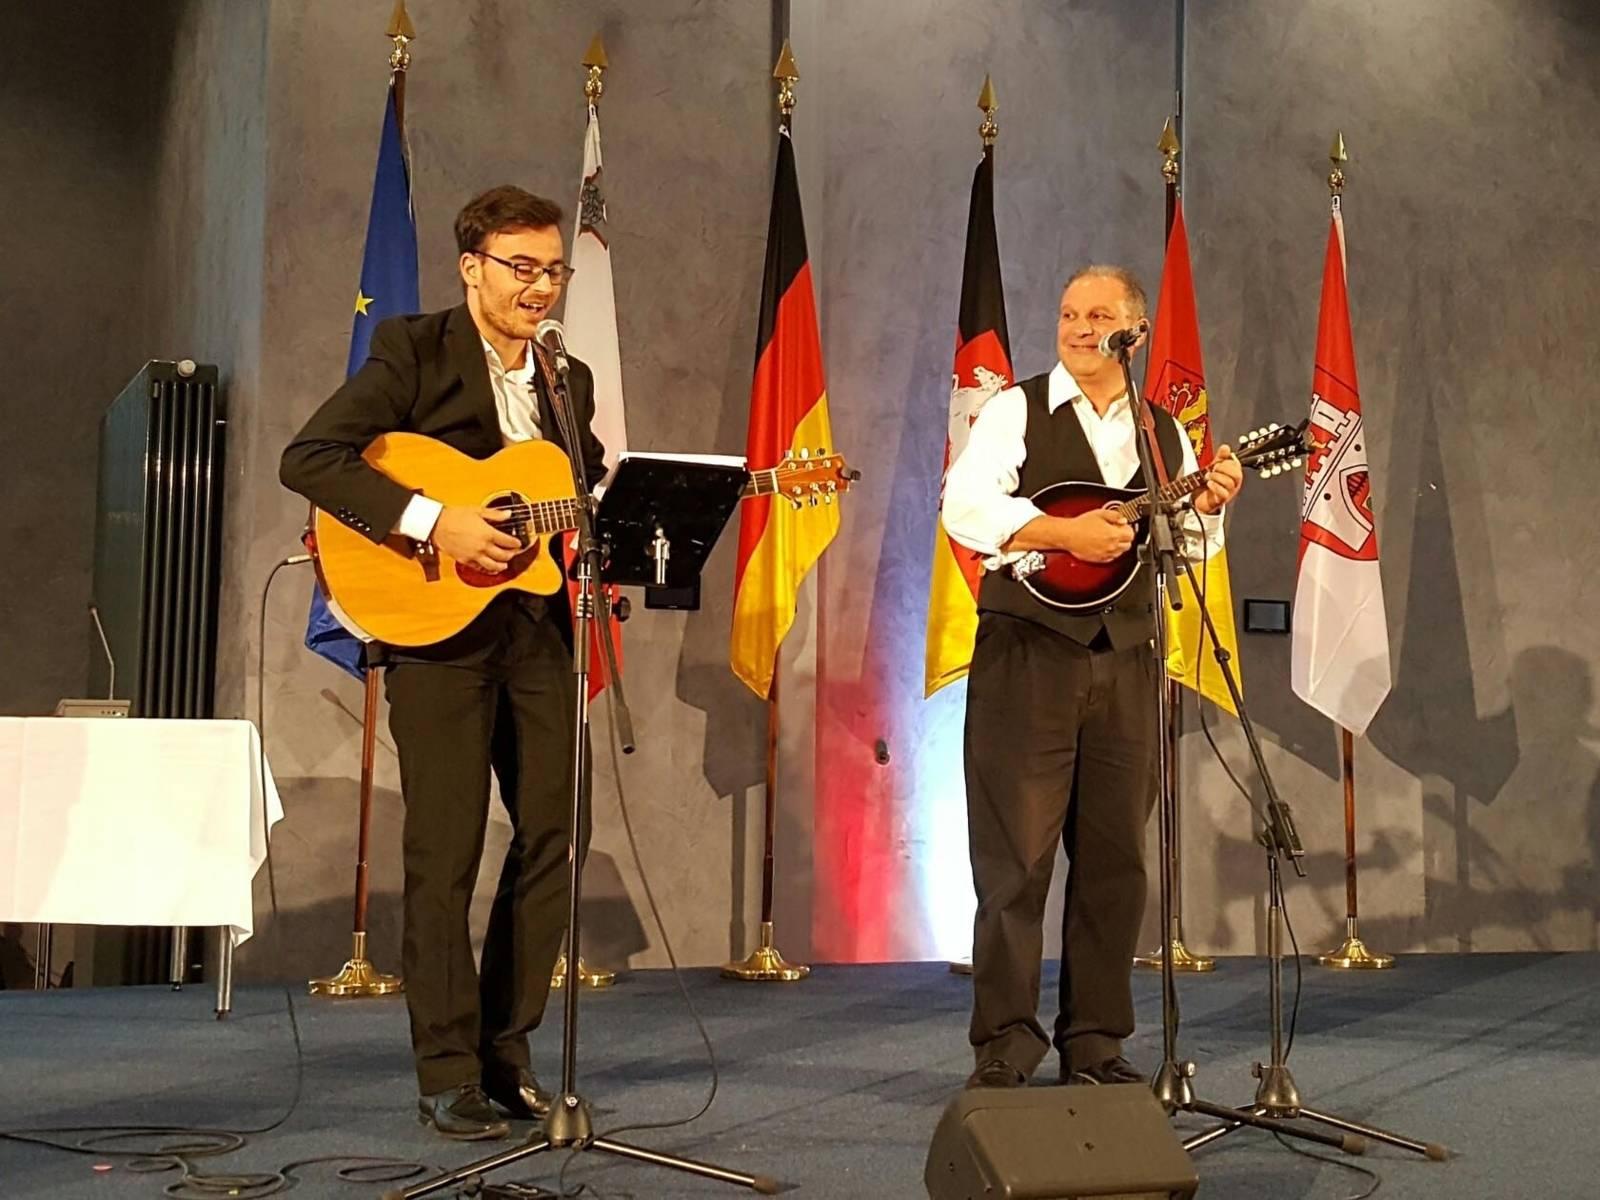 Zwei Musiker auf einer Bühne.